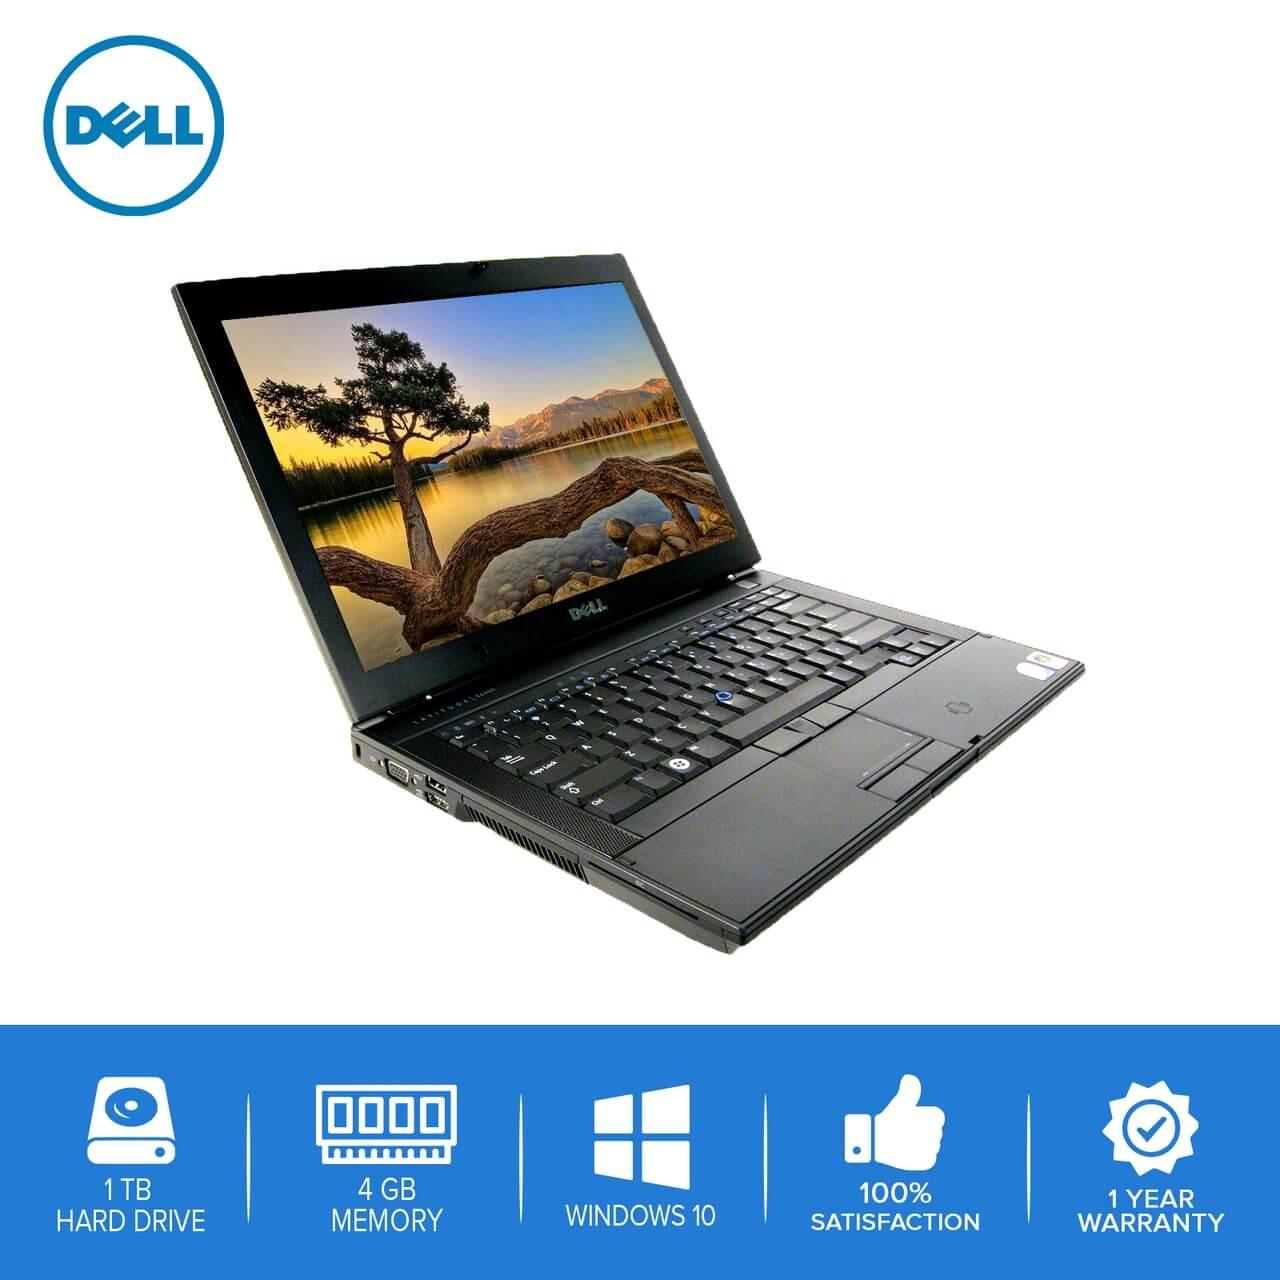 Dell-Latitude E6400 Laptop Notebook – Intel Core 2 Duo- 4GB – 1TB Hard  Drive - Windows 10